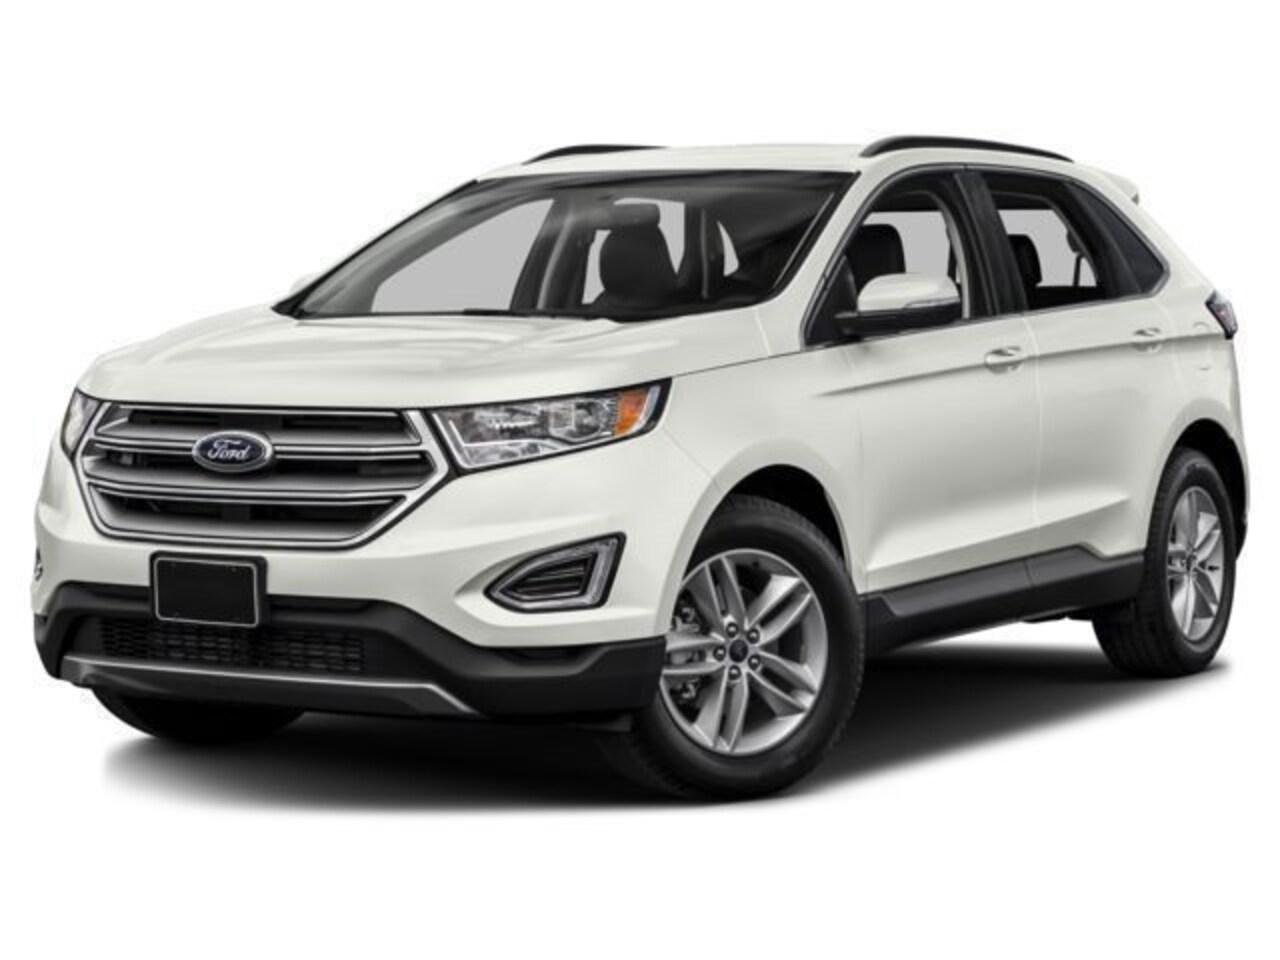 2018 Ford Edge TITANIUM 302A AWD 3.5L V6 CDN TOURING 20